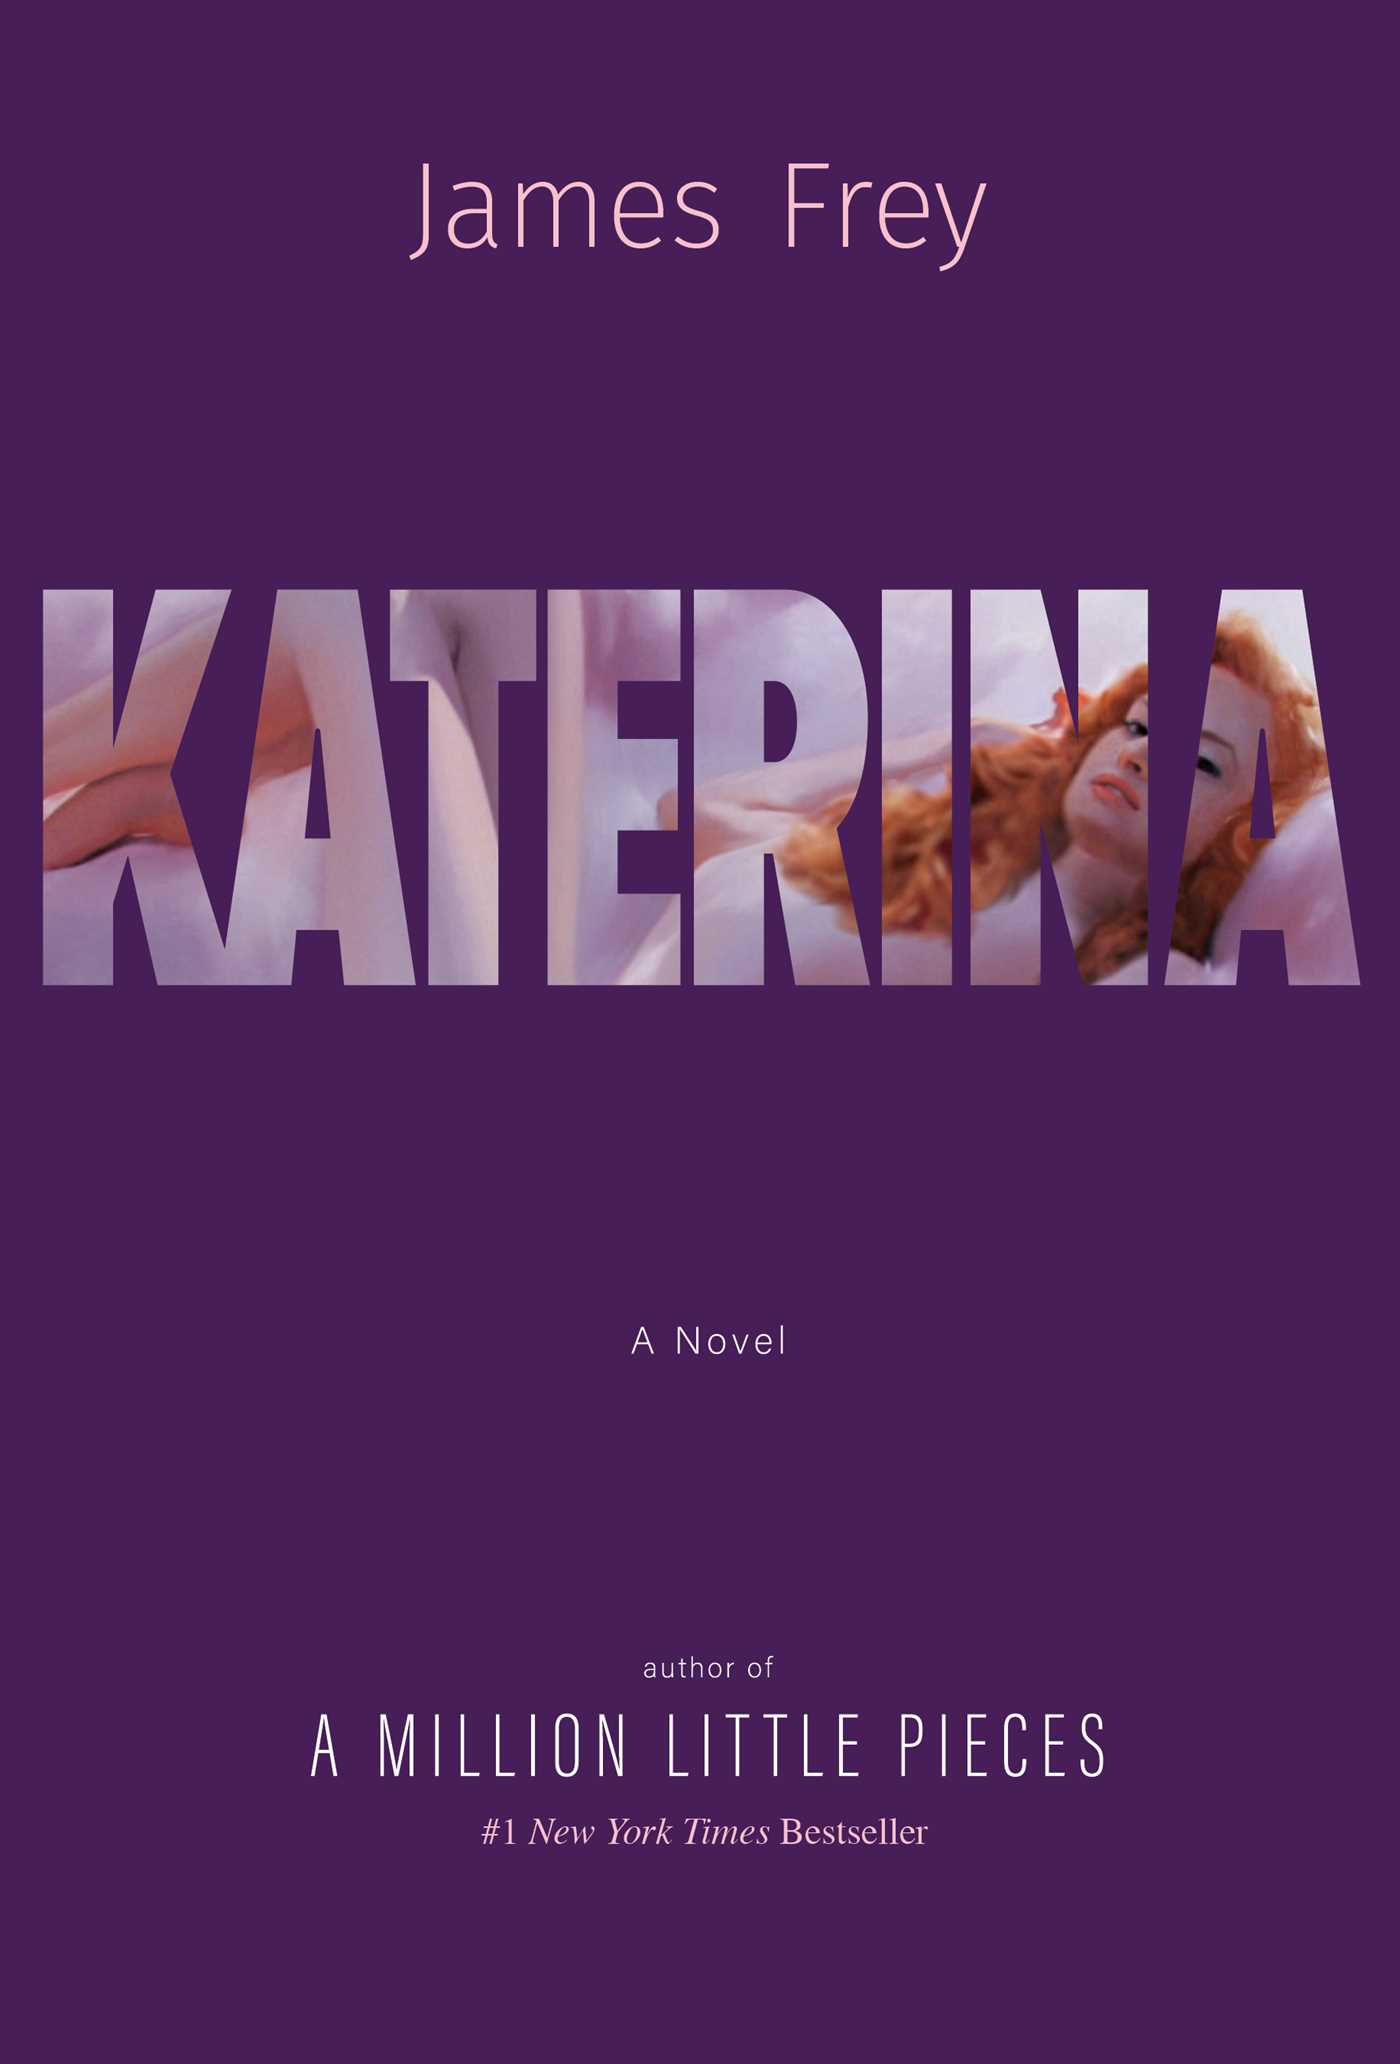 Katerina 9781982101442 hr